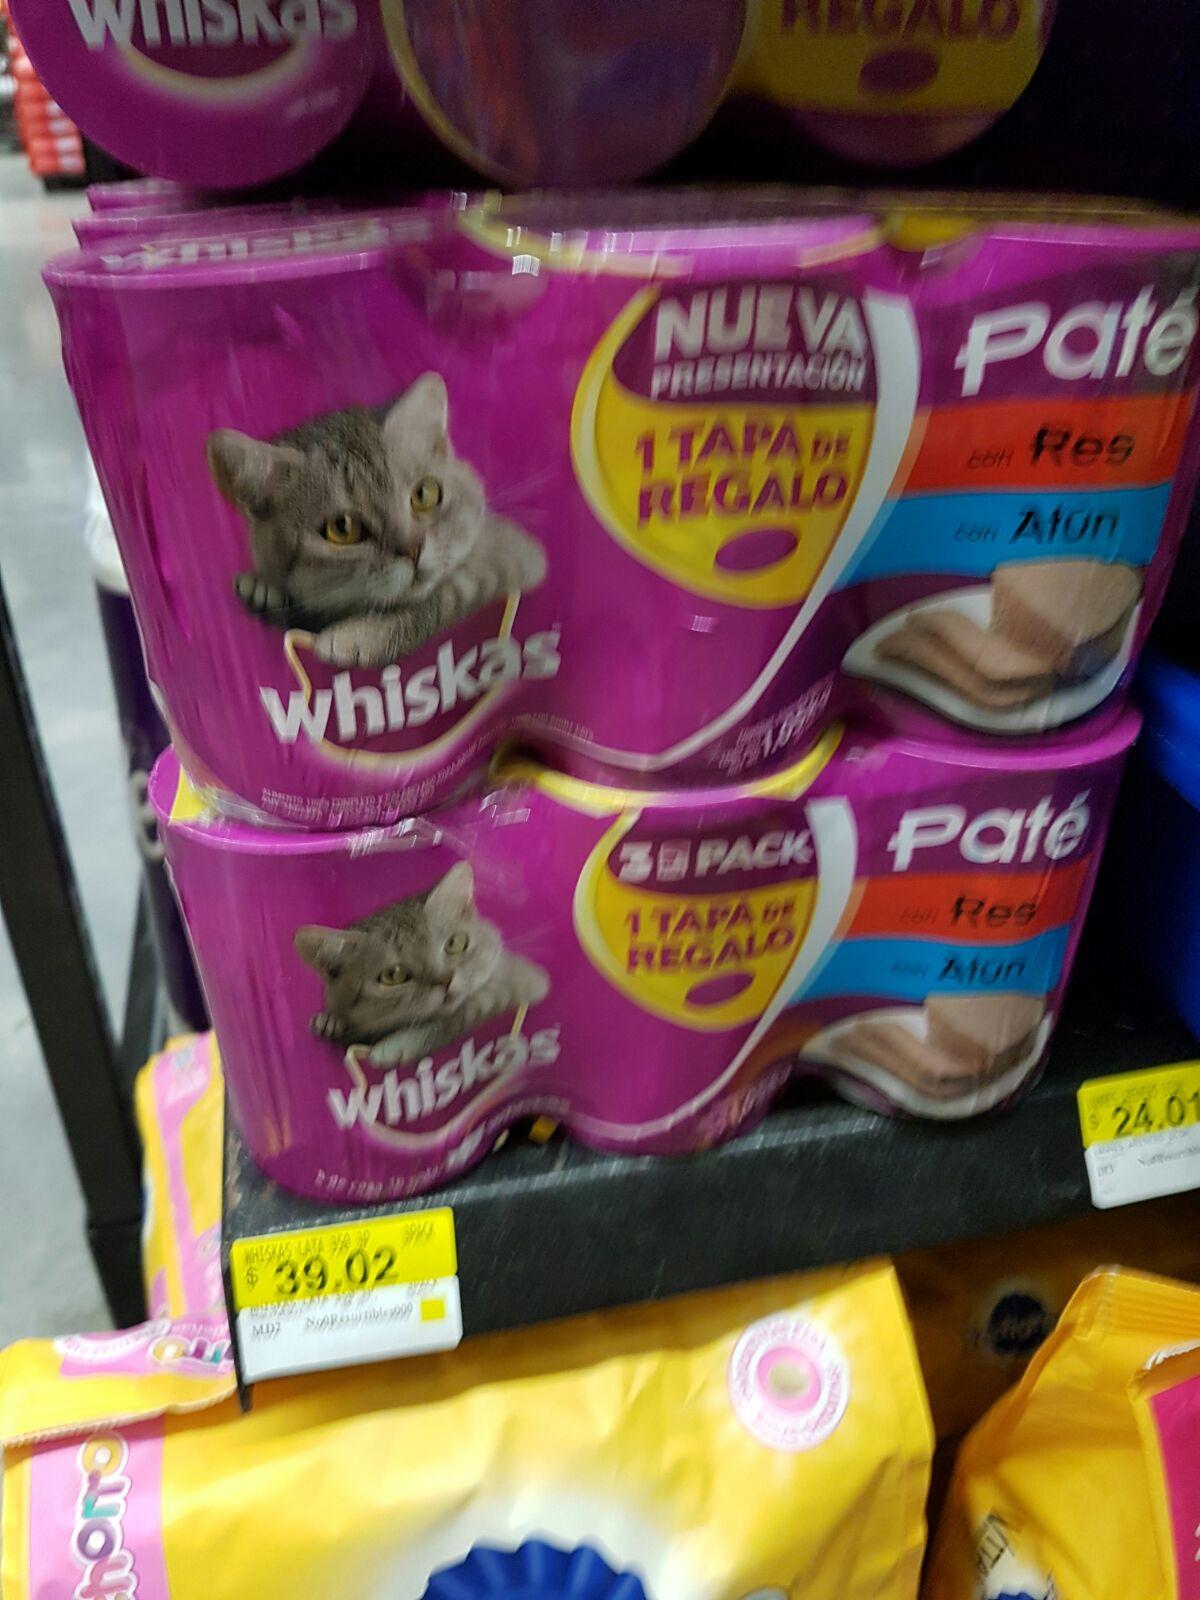 Walmart Suc. Sufragio Efectivo:  Paquete de 3 latas de Whiskas, Pate de Res y Atún a $39.02